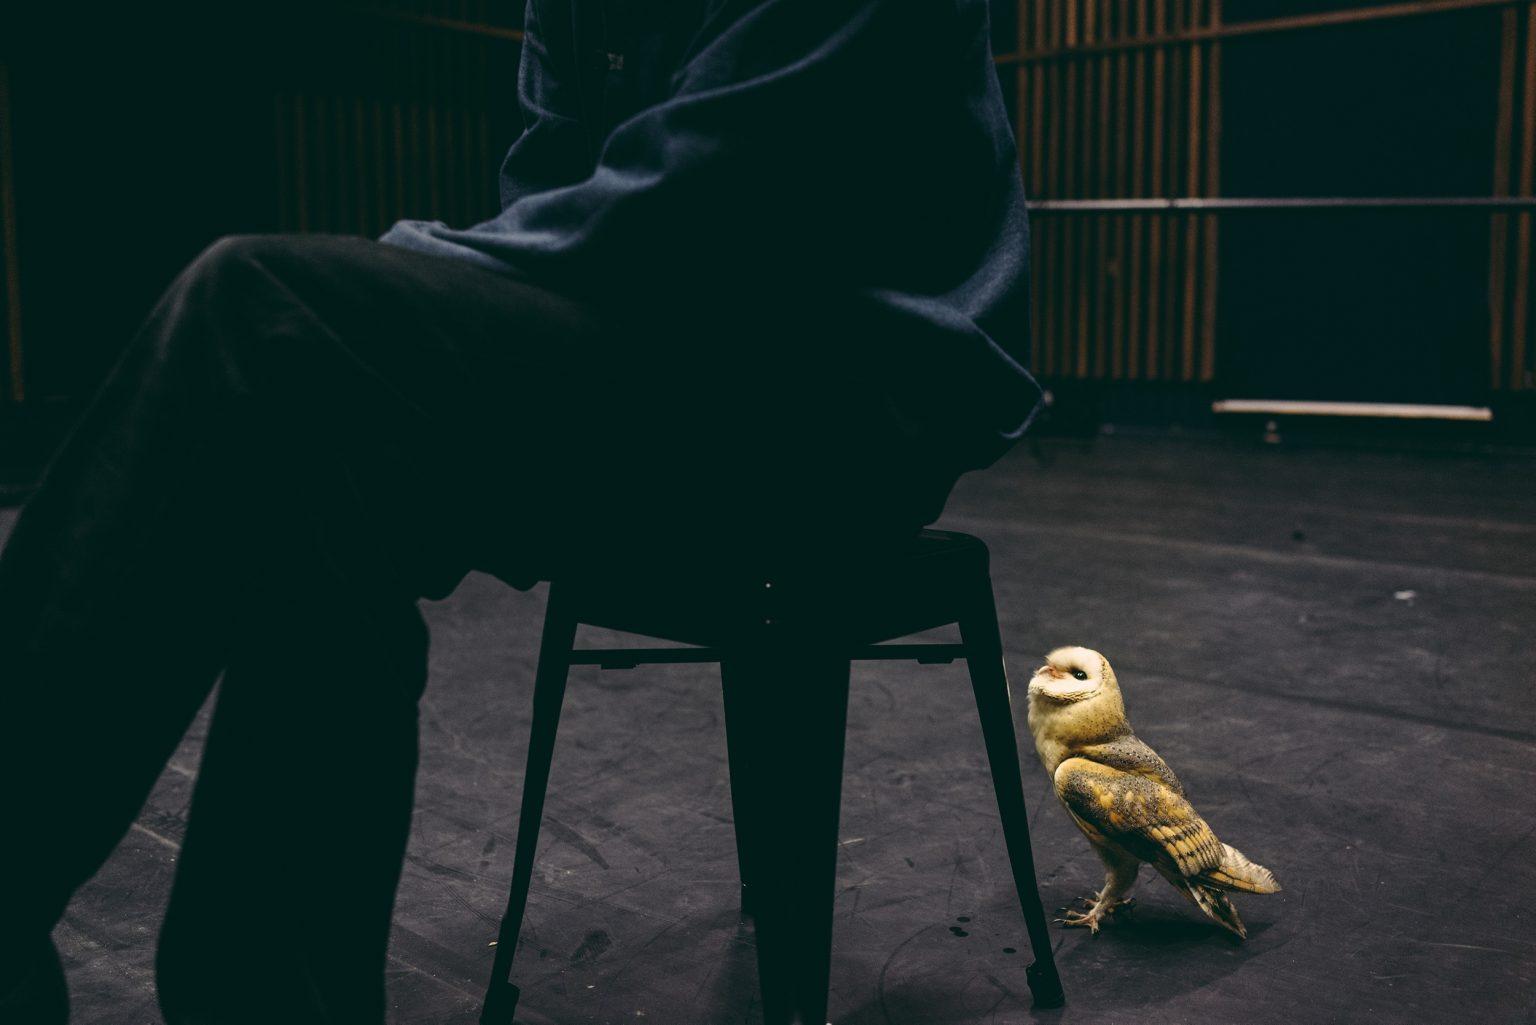 """Paris, France, January 2017 - Tristan Plot and the barn owl Boubo during rehearsals for Pascal Quignard's show """"La Rive dans le Noir"""" at 104 Paris. The play involves the barn owl Boubo, representative of the Night, and the crow Bayo, representative of the Day. ><  Parigi, Francia, gennaio 2017 - Tristan Plot e il barbagianni Boubo durante le prove dello spettacolo di Pascal Quignard """"La Rive dans le Noir"""" al centro culturale 104 di Parigi. Nello spettacolo sono coinvolti il barbagianni Boubo, come rappresentante della Notte, e la cornacchia Bayo, come rappresentante del Giorno.*** SPECIAL   FEE   APPLIES *** *** Local Caption *** 01489330"""